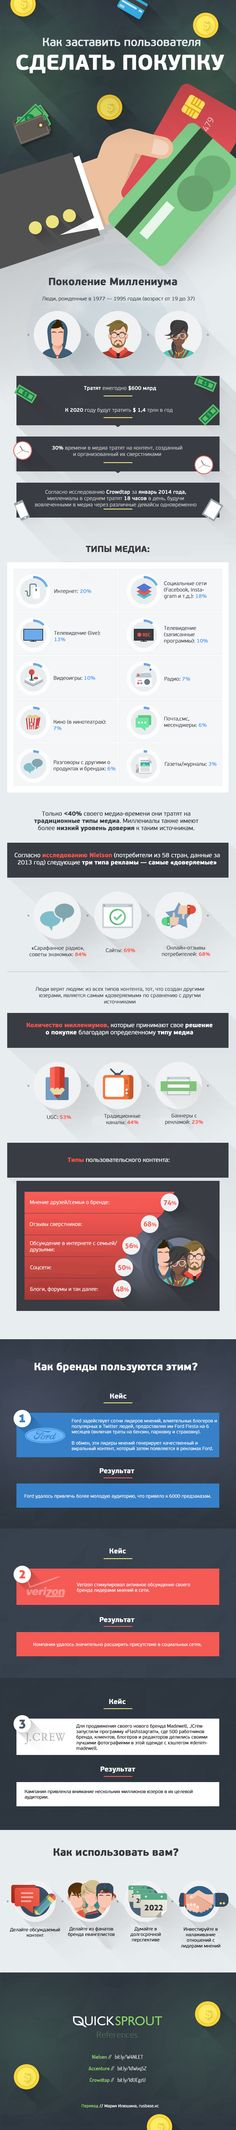 Инфографика: как заставить пользователя сделать покупку | Rusbase - предпринимательство, технологии и люди